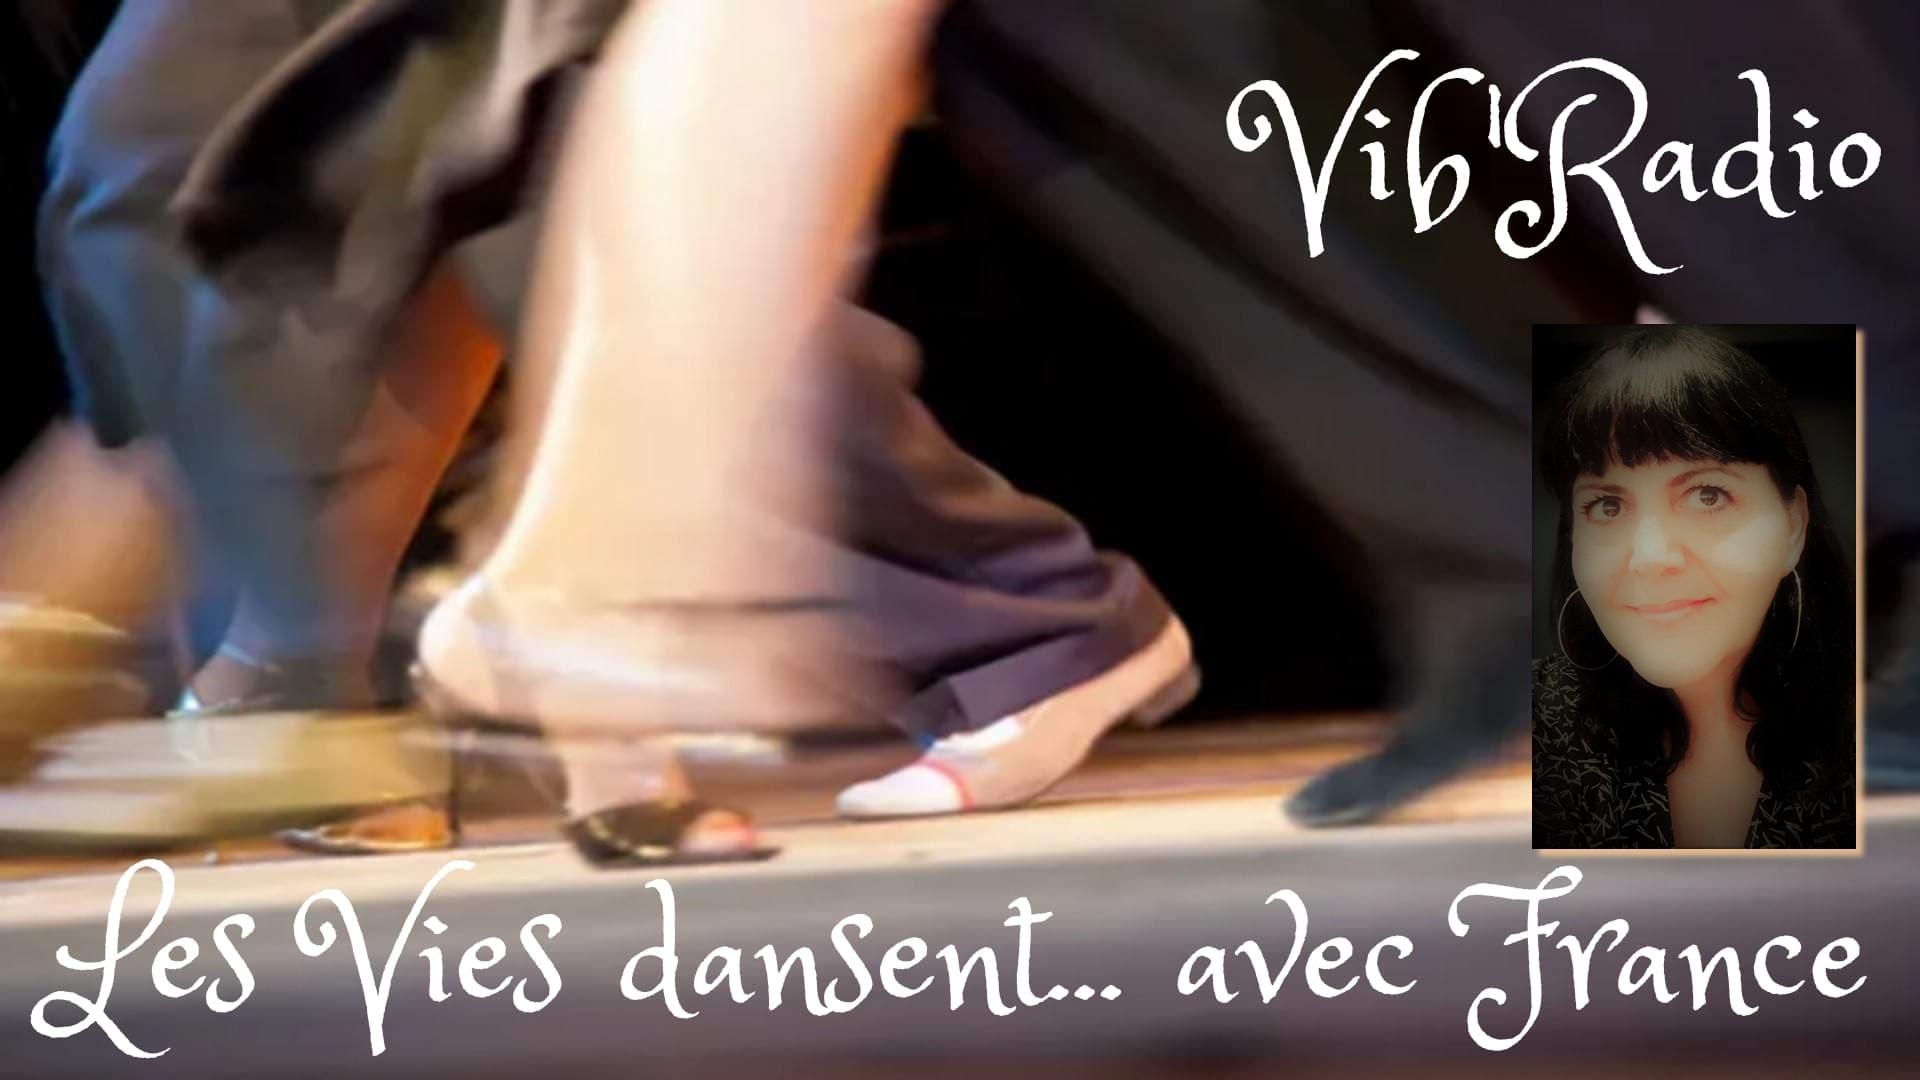 Les vies dansent... avec France